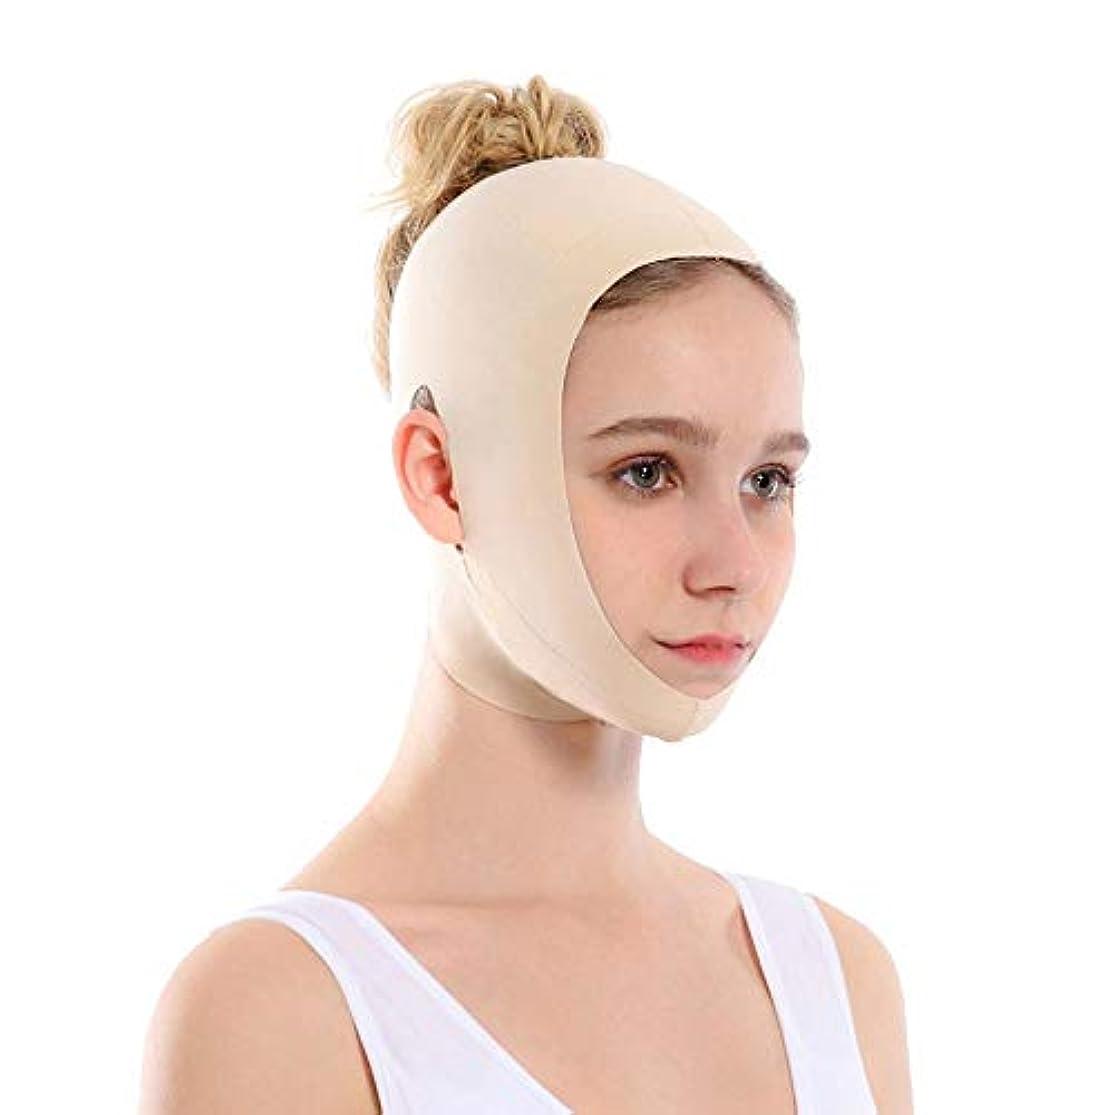 組み込む解決するデンマーク顔を持ち上げるアーティファクトVフェイス包帯リフティング引き締め睡眠薄い顔を整形持ち上げる顔を二重あご矯正 - 肌の色